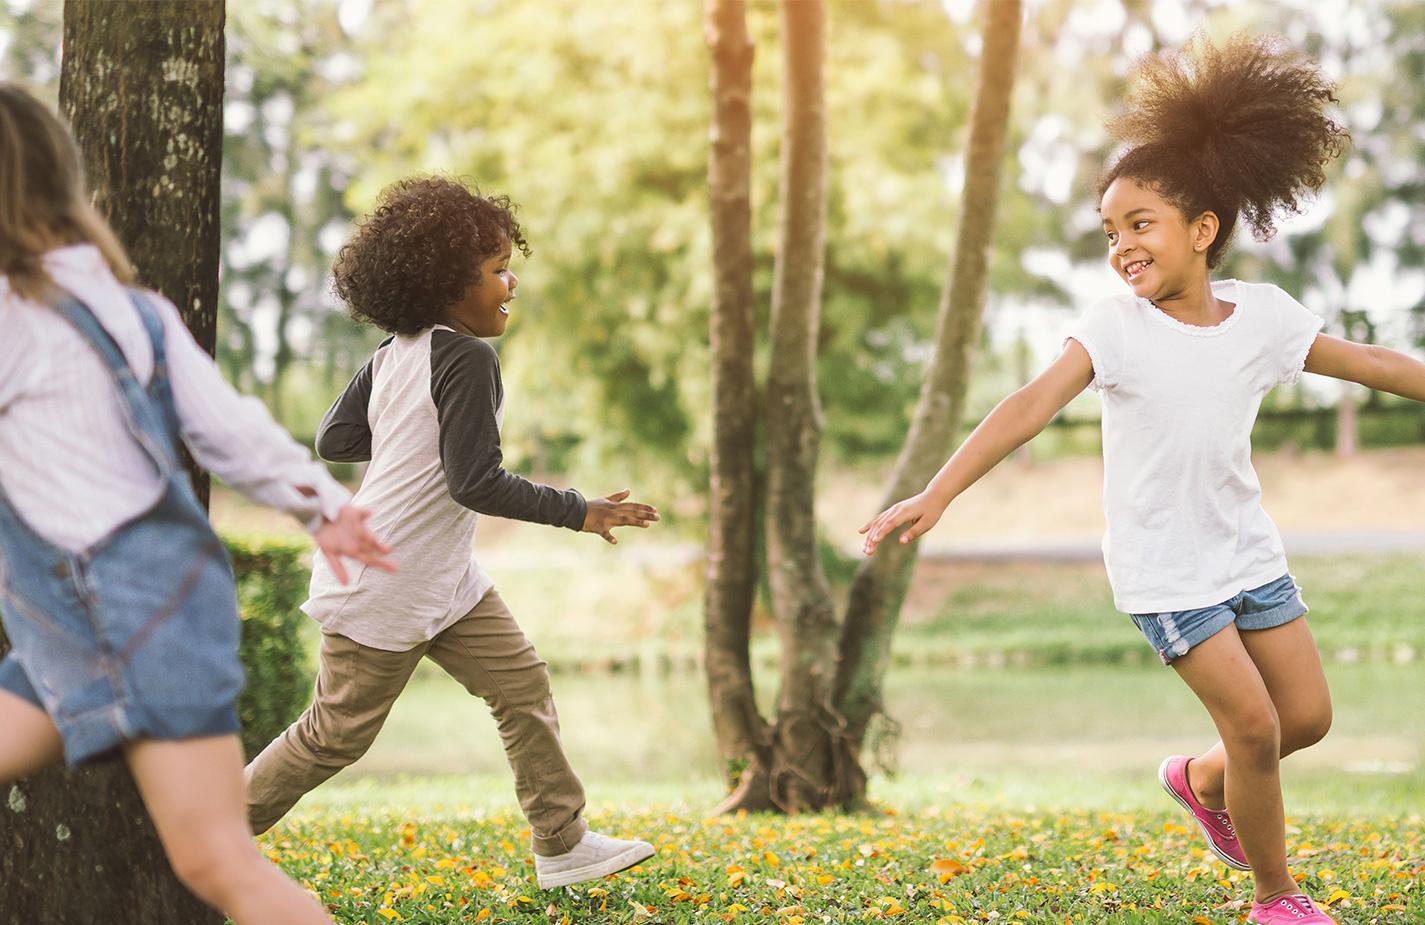 Observar as crianças e olhar para o empreendedorismo